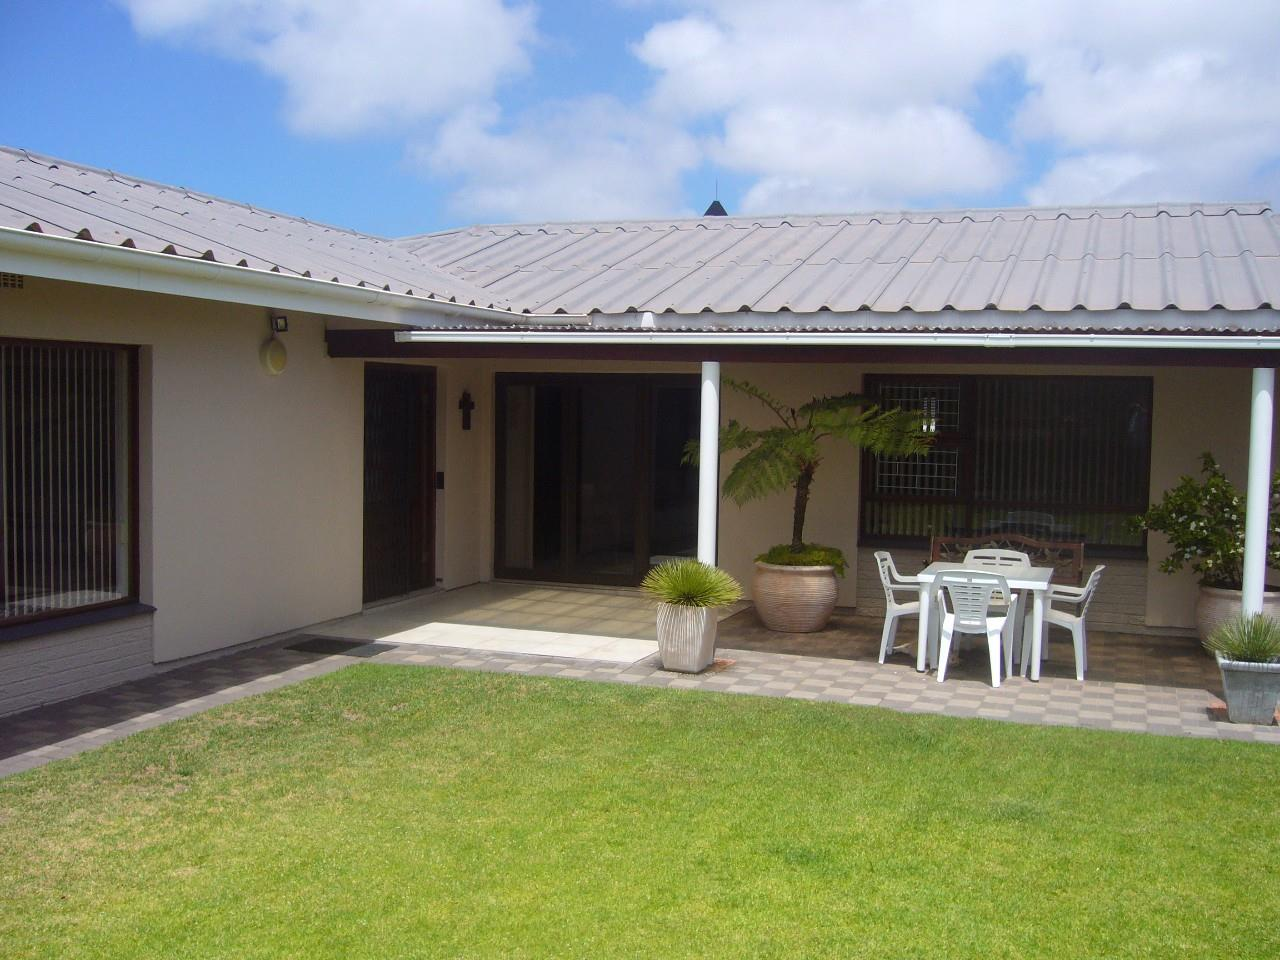 Saldanha, Saldanha Property  | Houses For Sale Saldanha, Saldanha, House 3 bedrooms property for sale Price:1,995,000